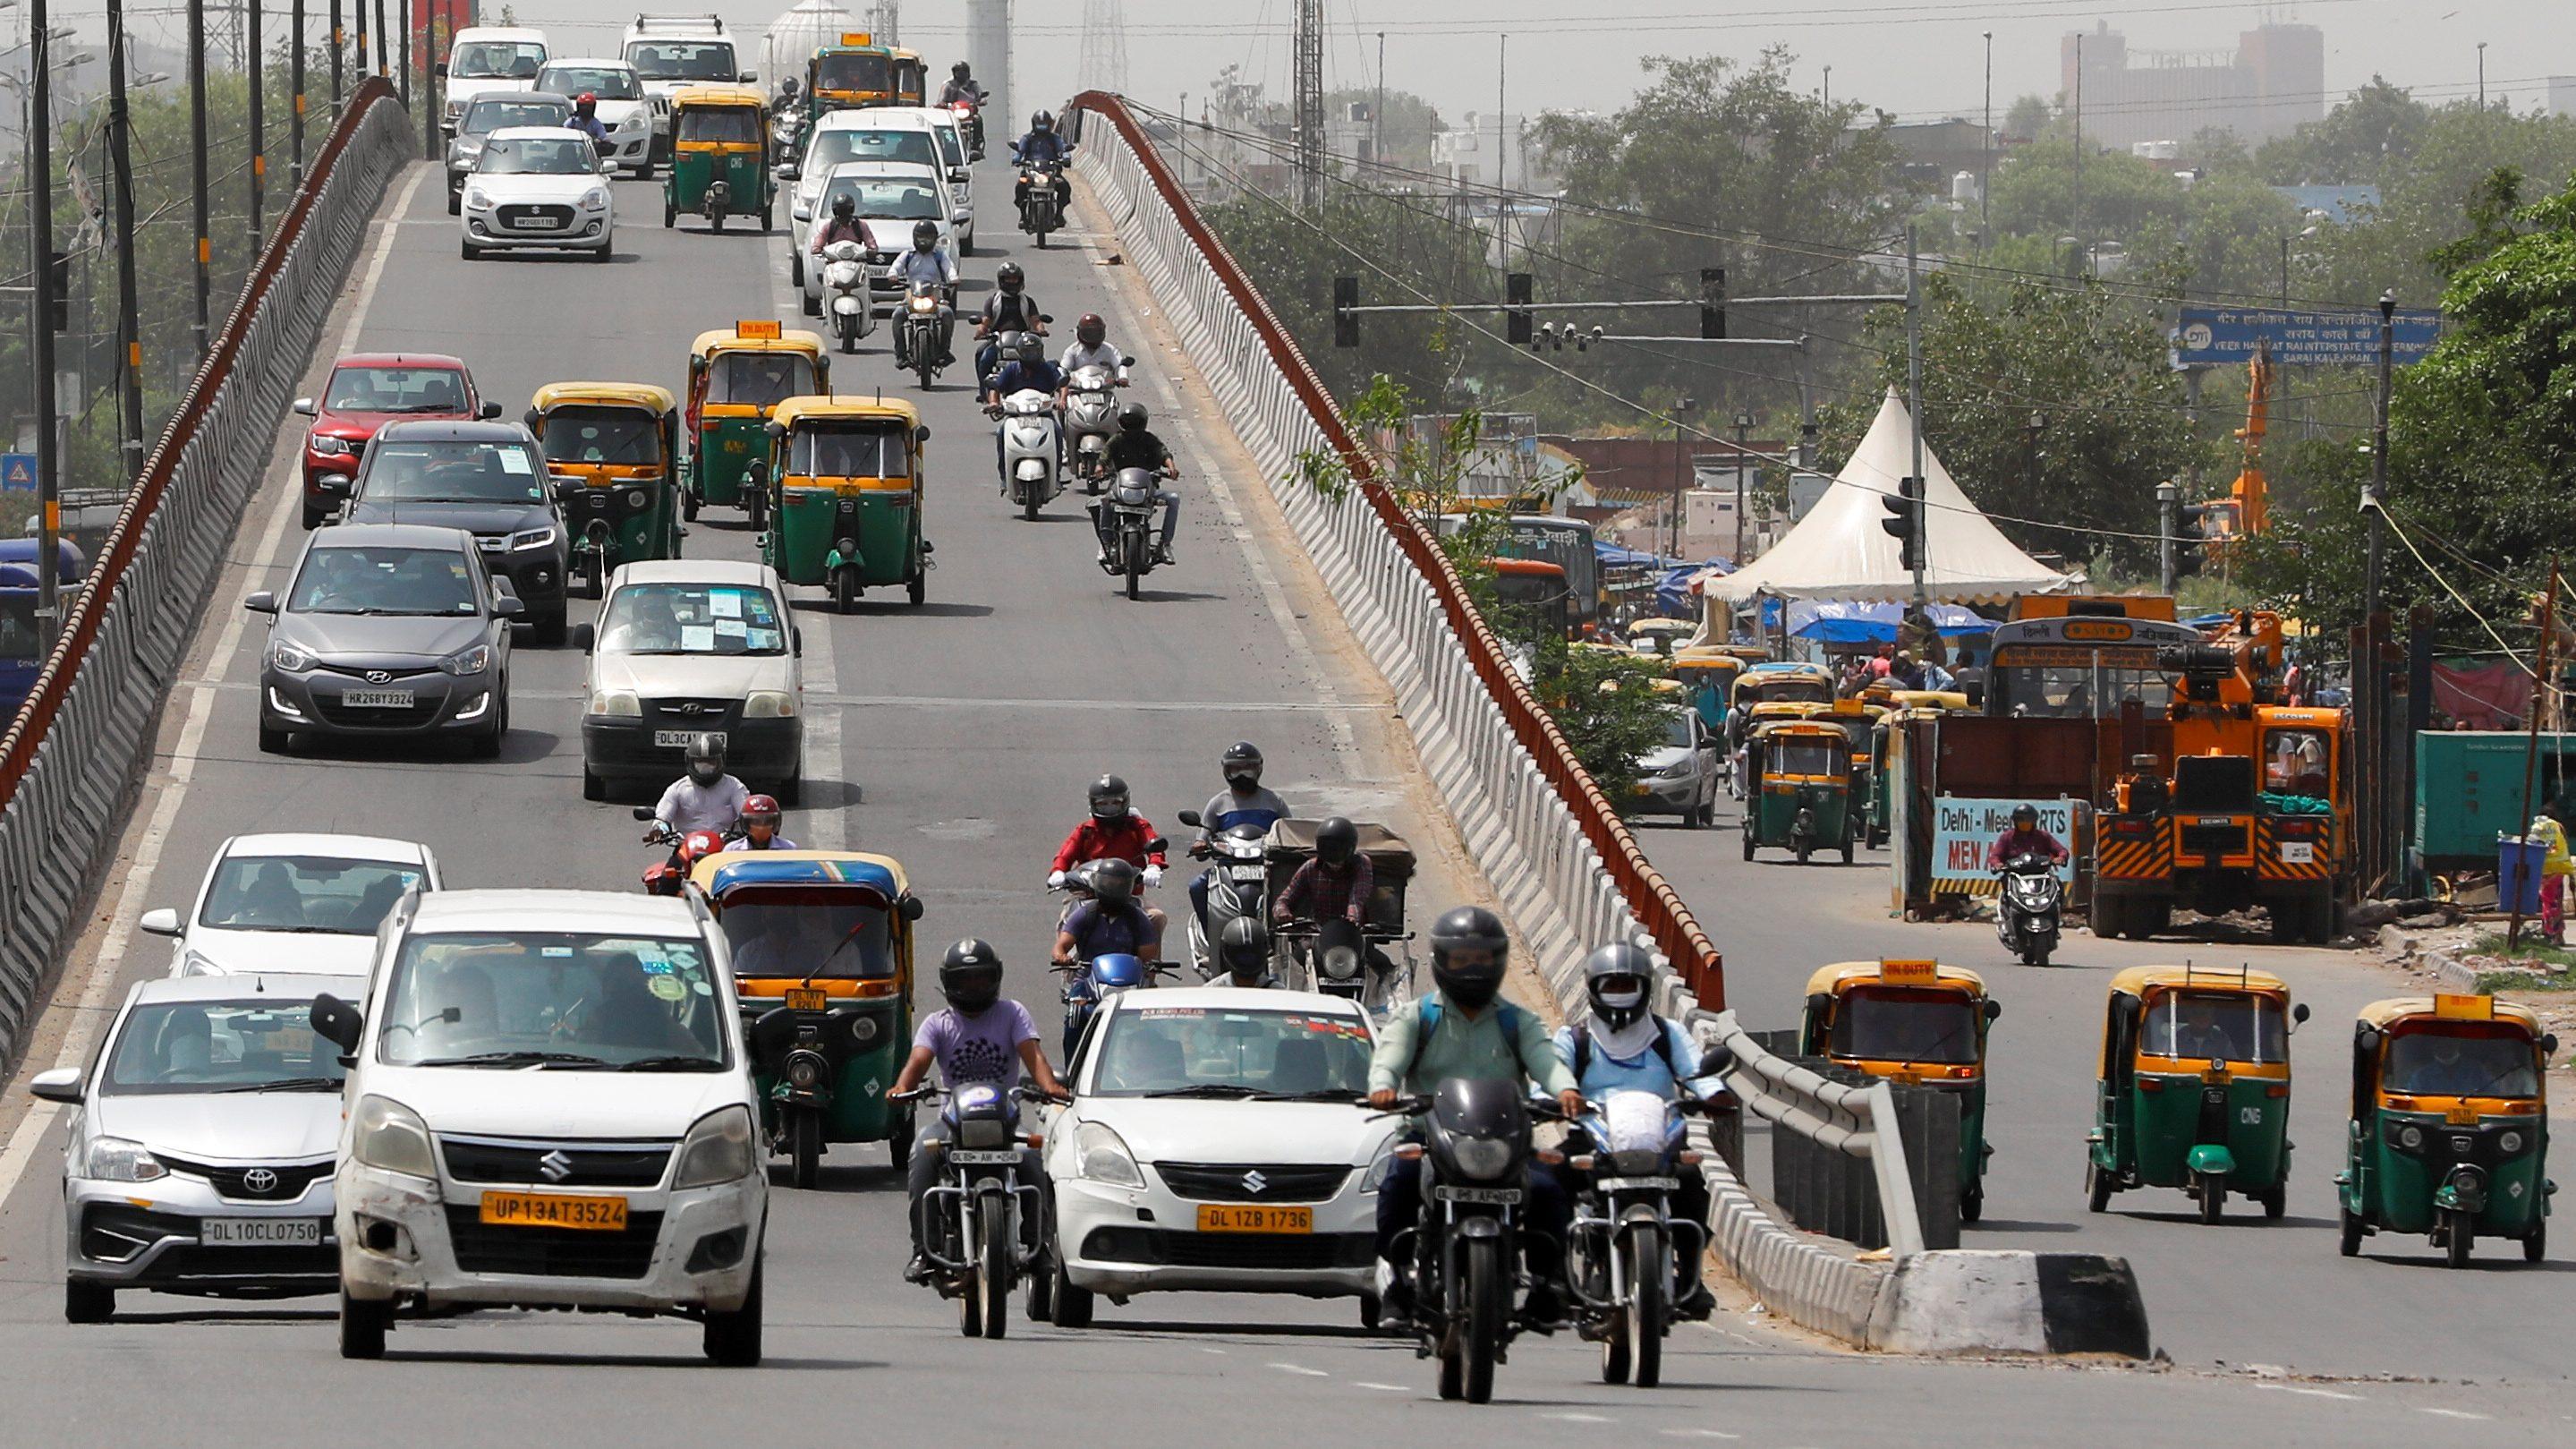 COVID-19 pandemic in New Delhi